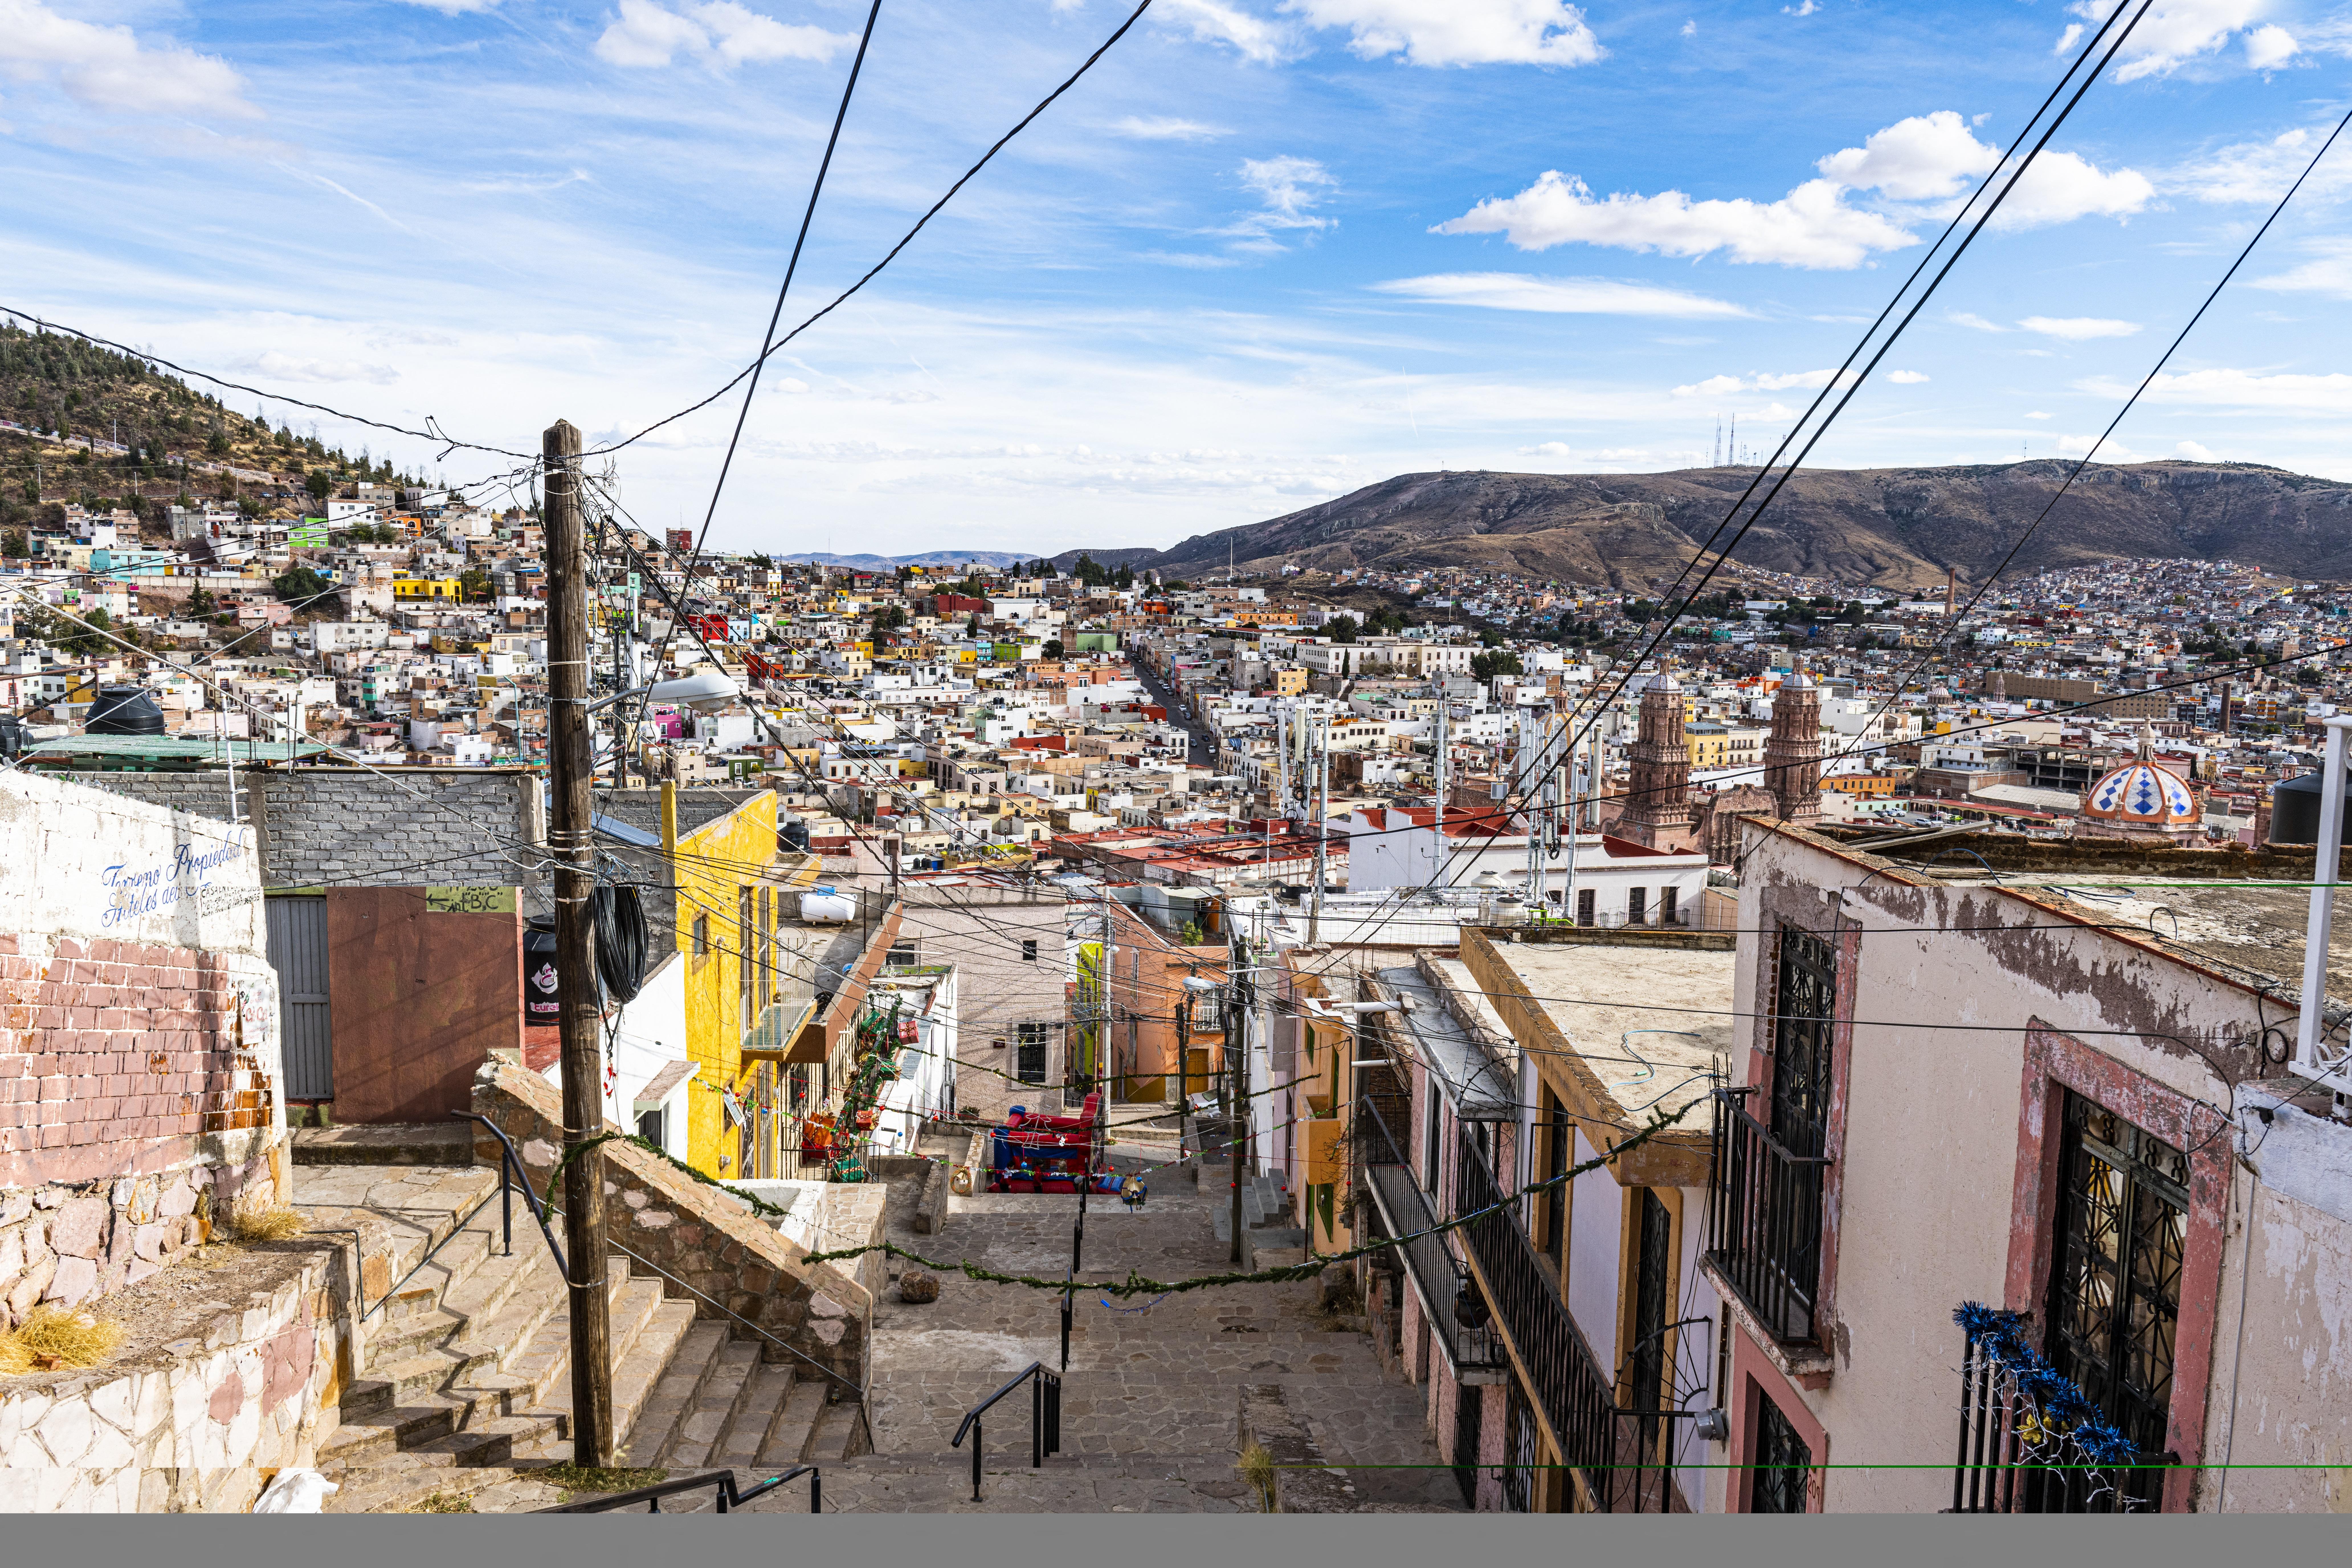 Több meggyilkolt ember holttestét találták meg egy mexikói lakóházban